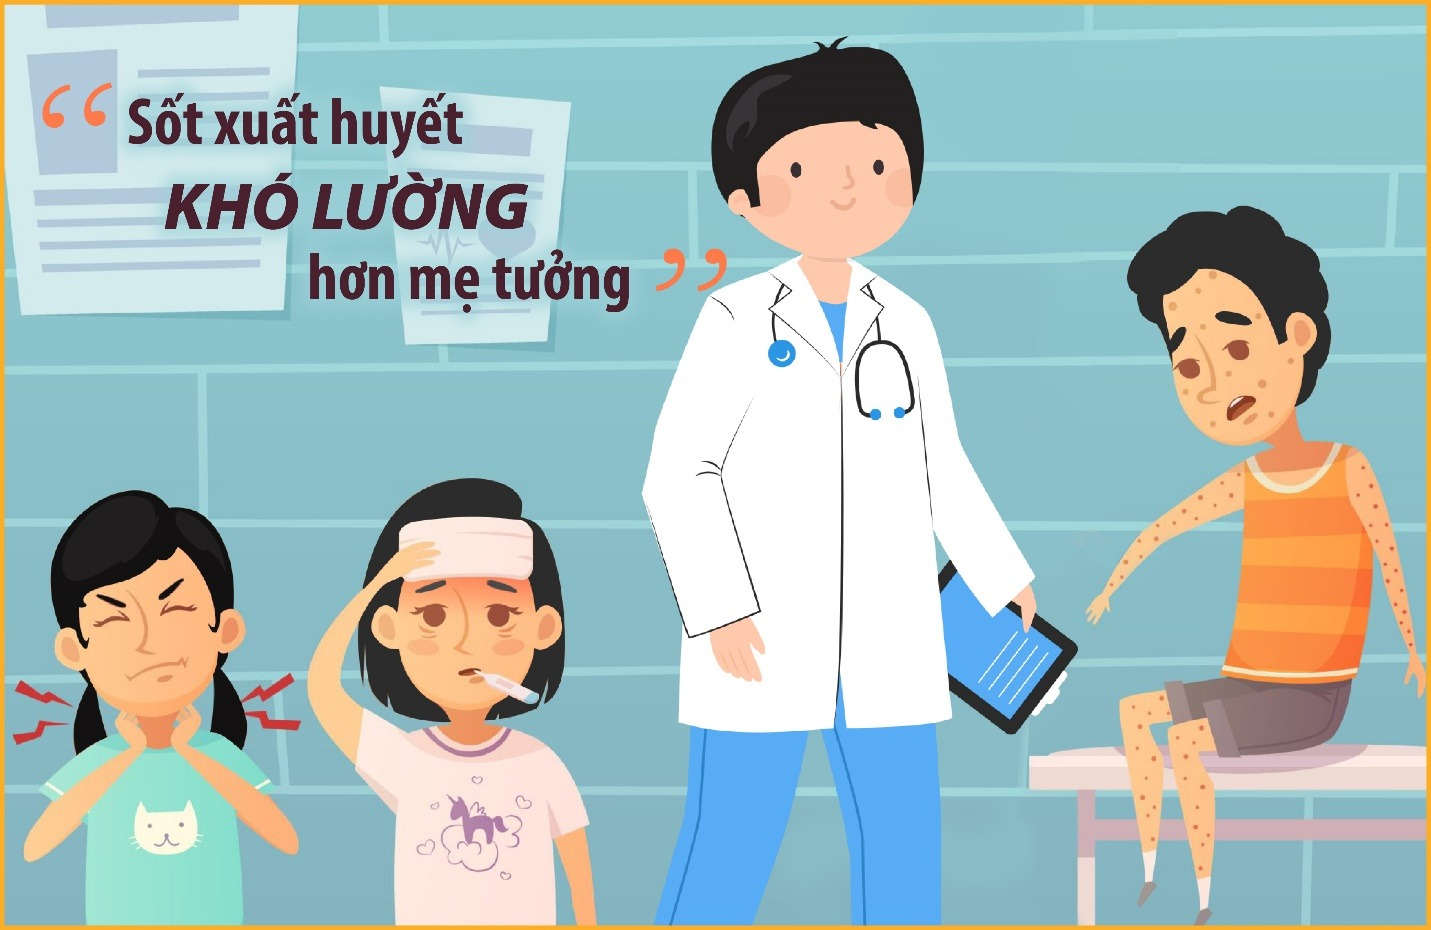 Cần gỡ bỏ các ngộ nhận về sốt xuất huyết